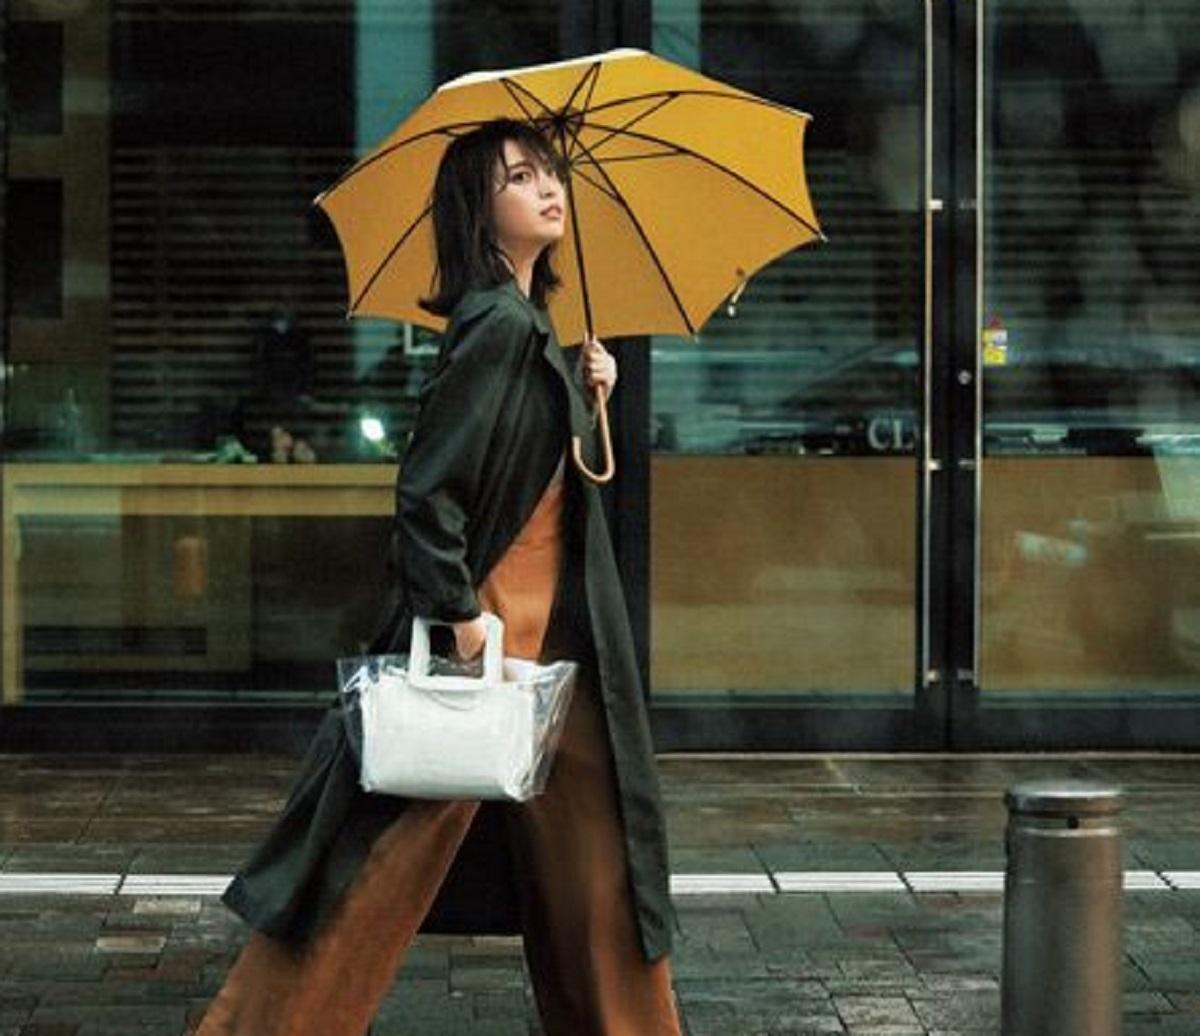 come vestirsi in caso di pioggia forte